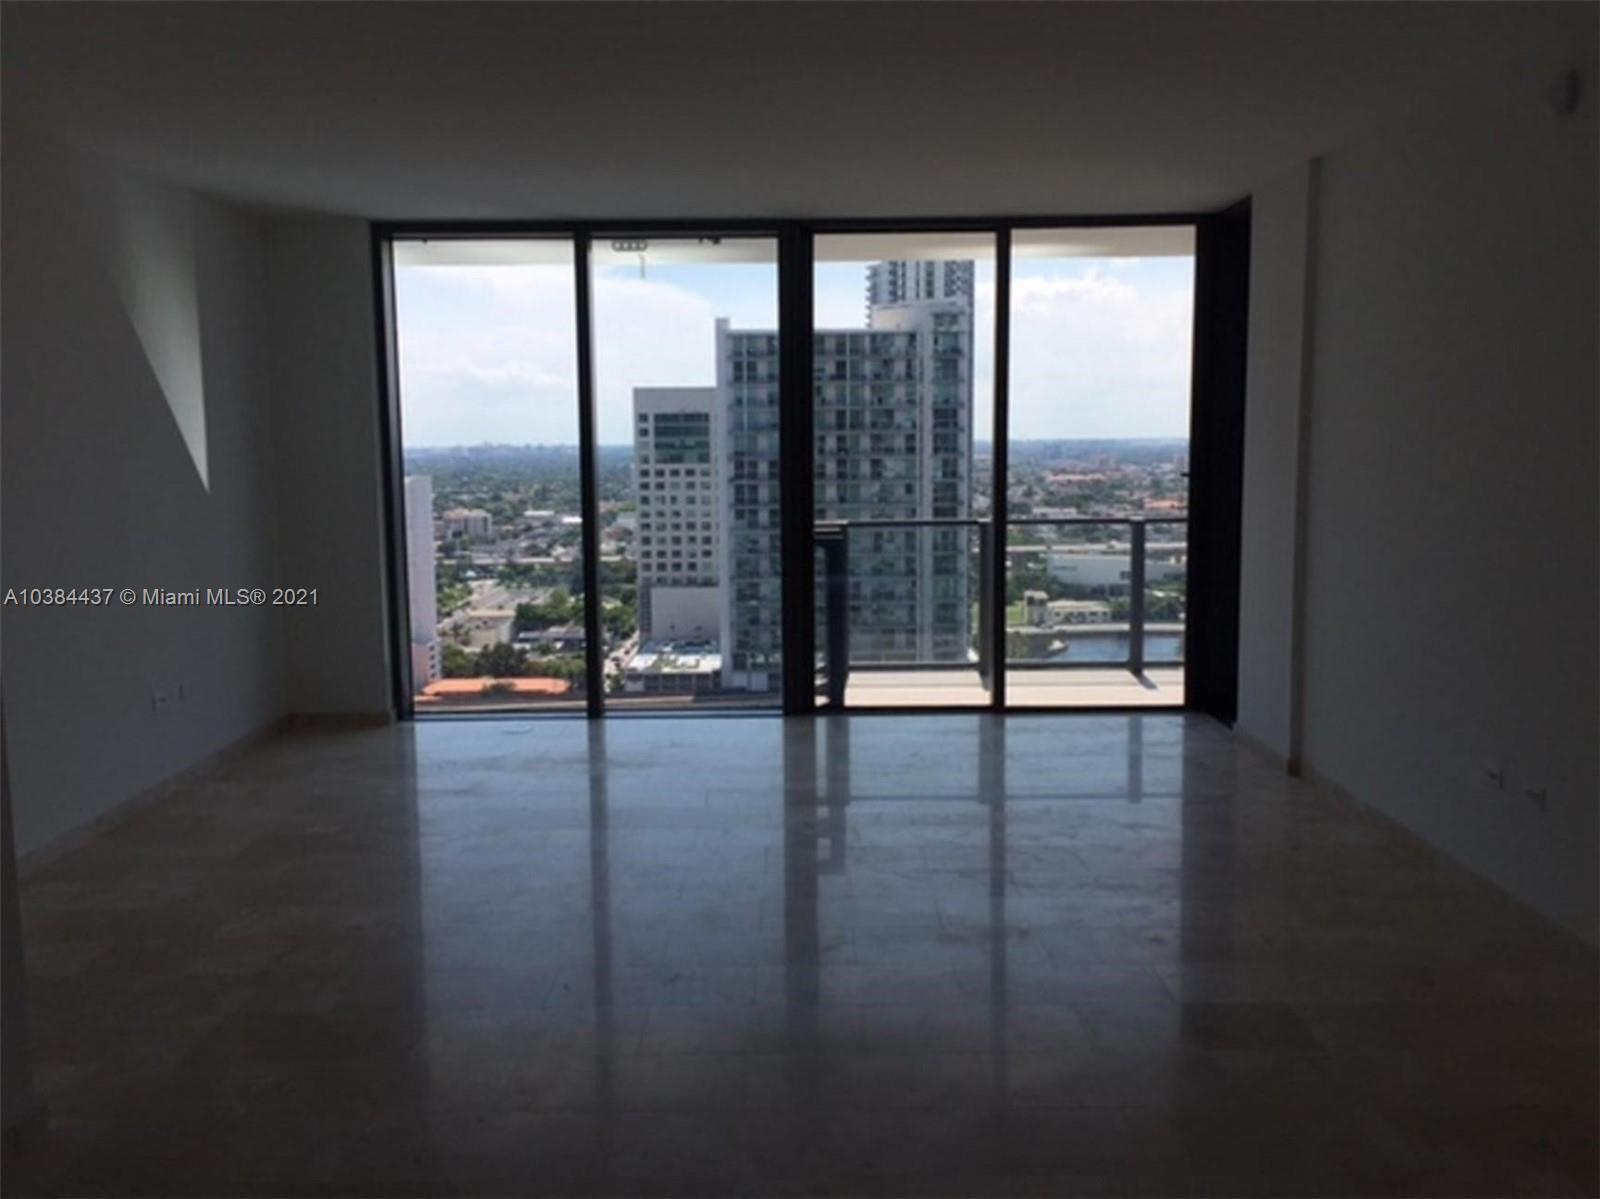 68 SE 6th St #1808, Miami, FL 33131 - #: A10384437